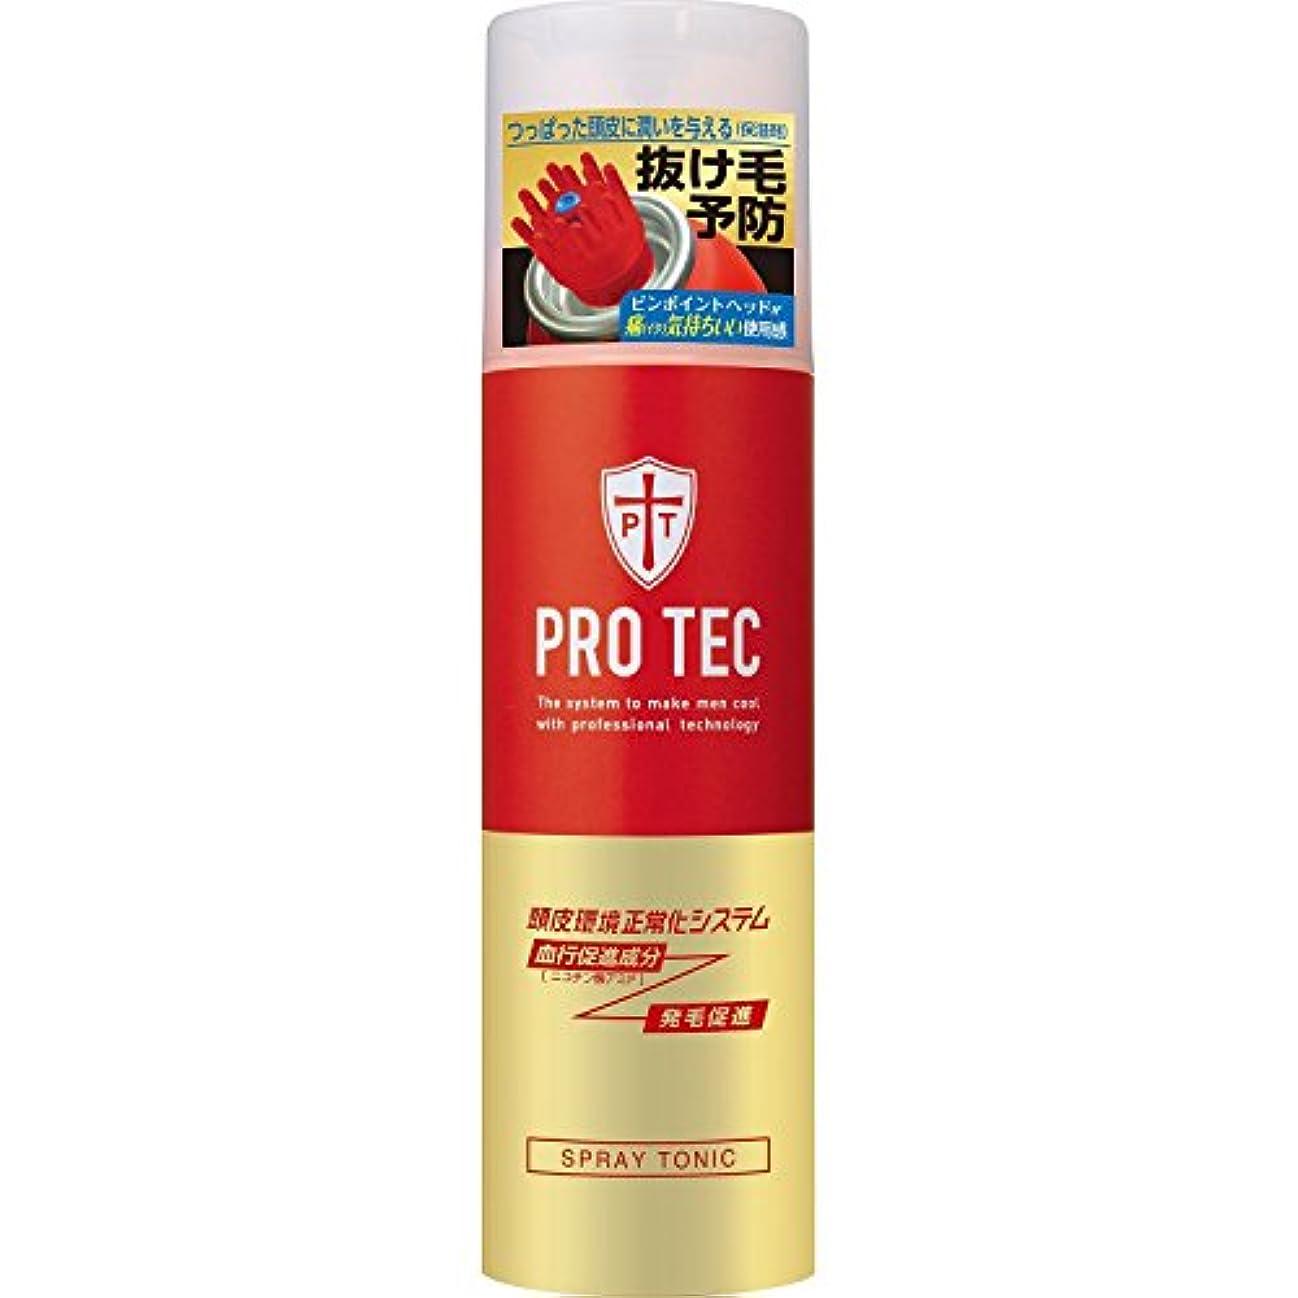 チャップ路地むさぼり食うPRO TEC(プロテク) スプレートニック 150g (医薬部外品) ×20個セット